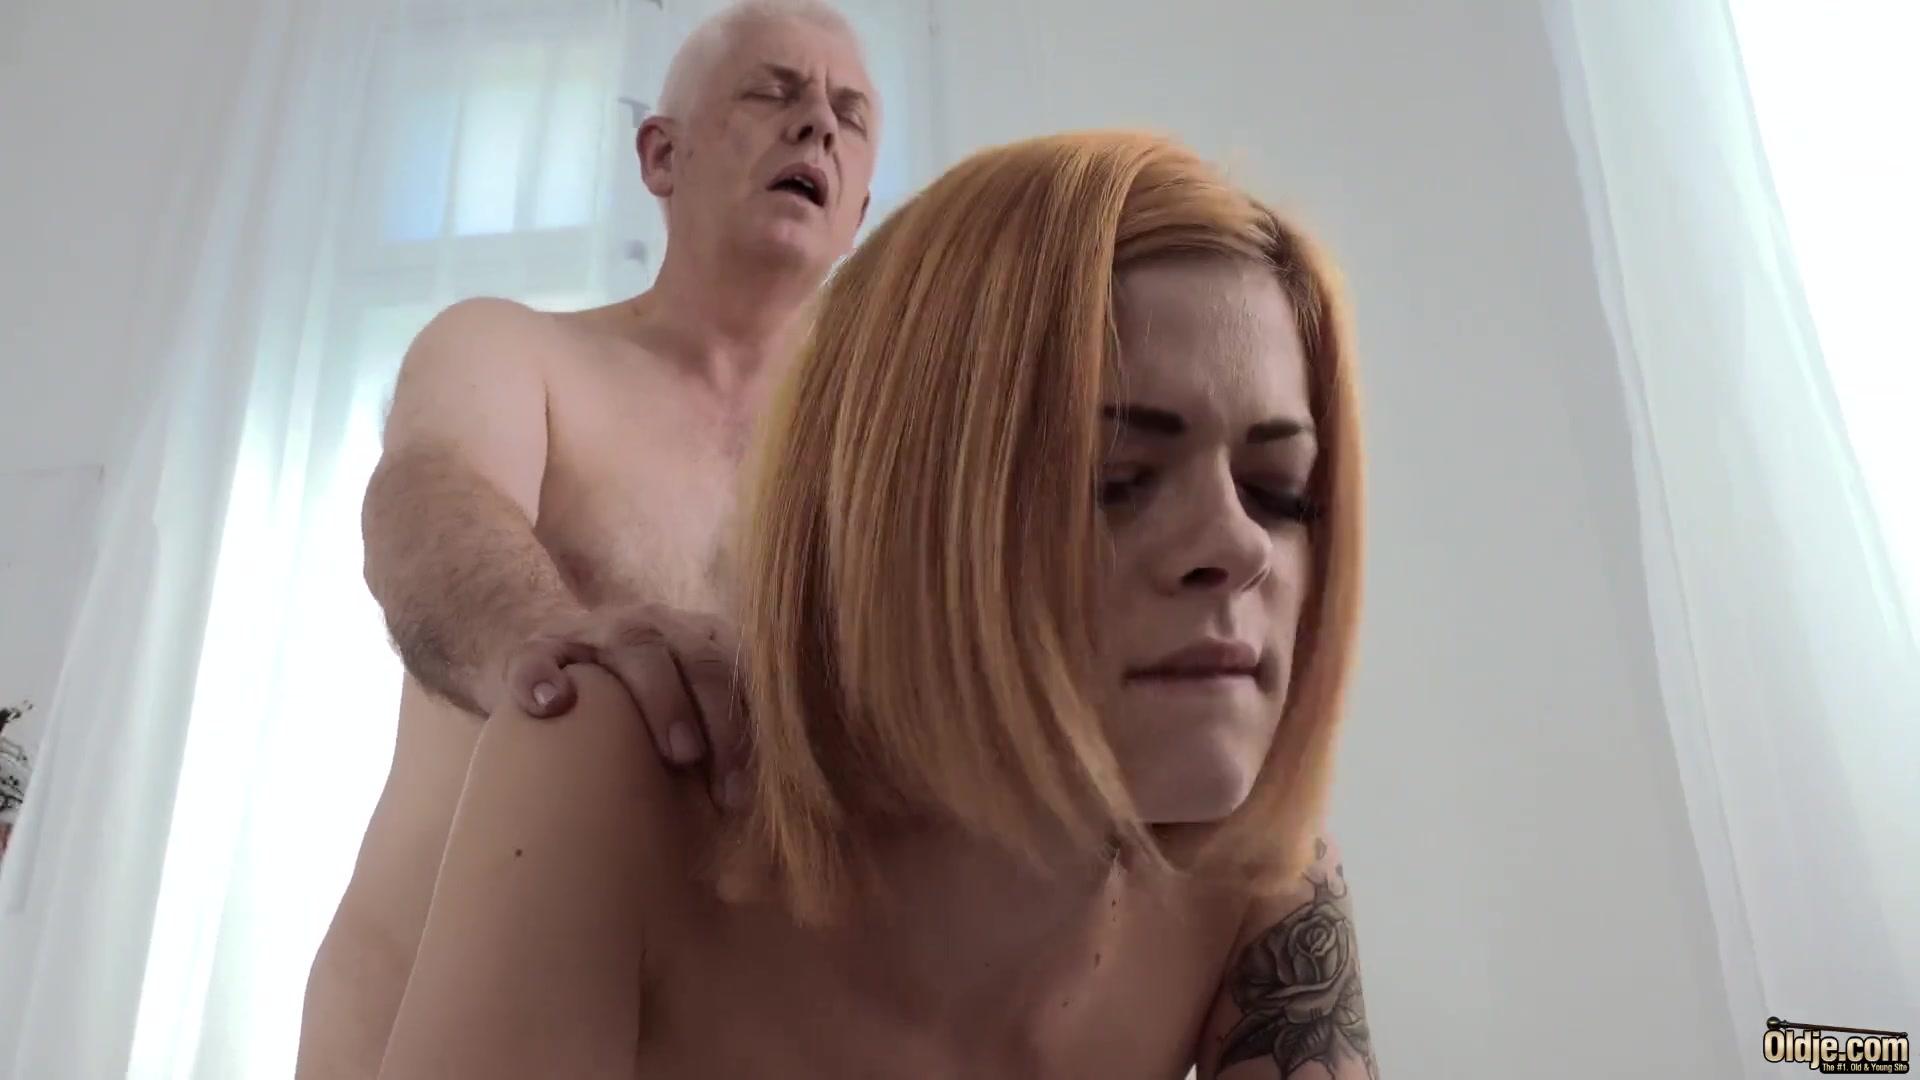 рекомендовать госпожа проститутка видео человеческое спасбо! Авторитетный